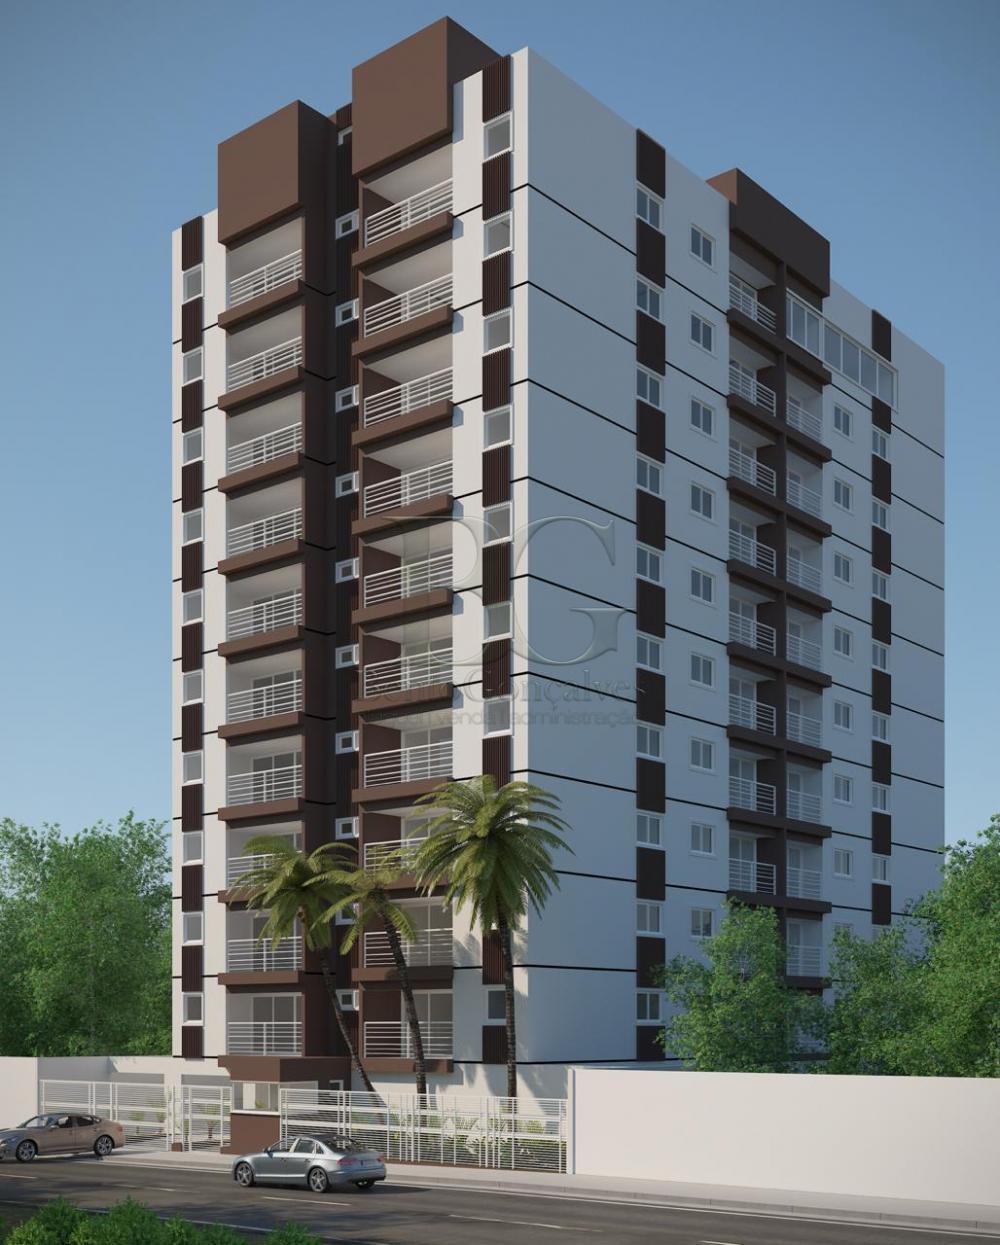 Pocos de Caldas Apartamento Venda R$377.000,00 Condominio R$170,00 3 Dormitorios 1 Suite Area construida 107.00m2